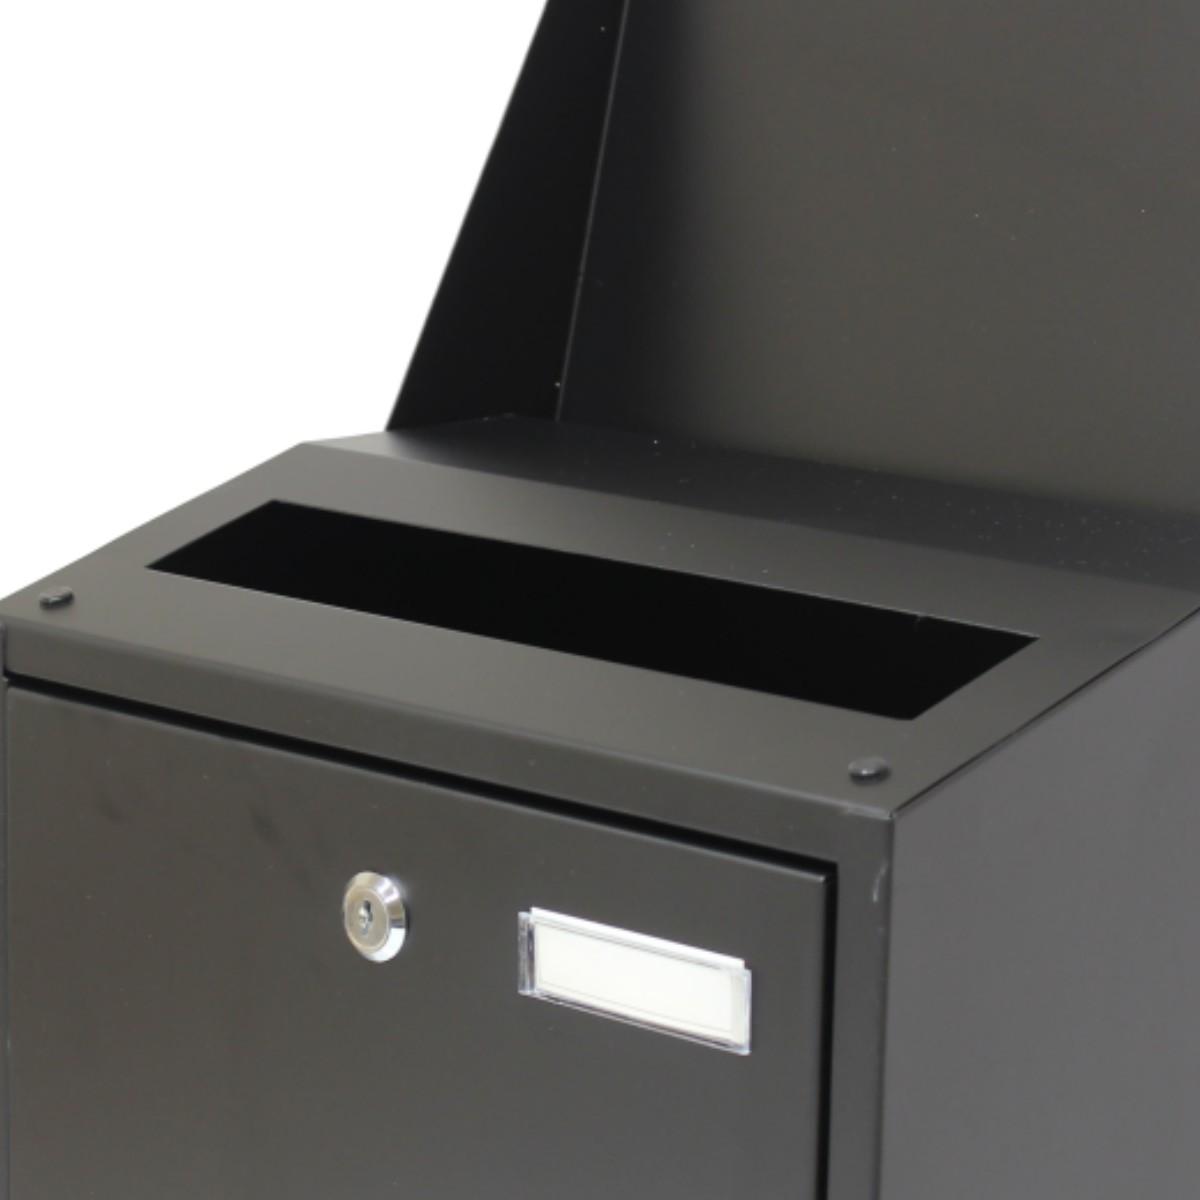 Schön Hardcastle Briefkasten aus Stahl zur Wandbefestigung - Extra Groß  ZX45